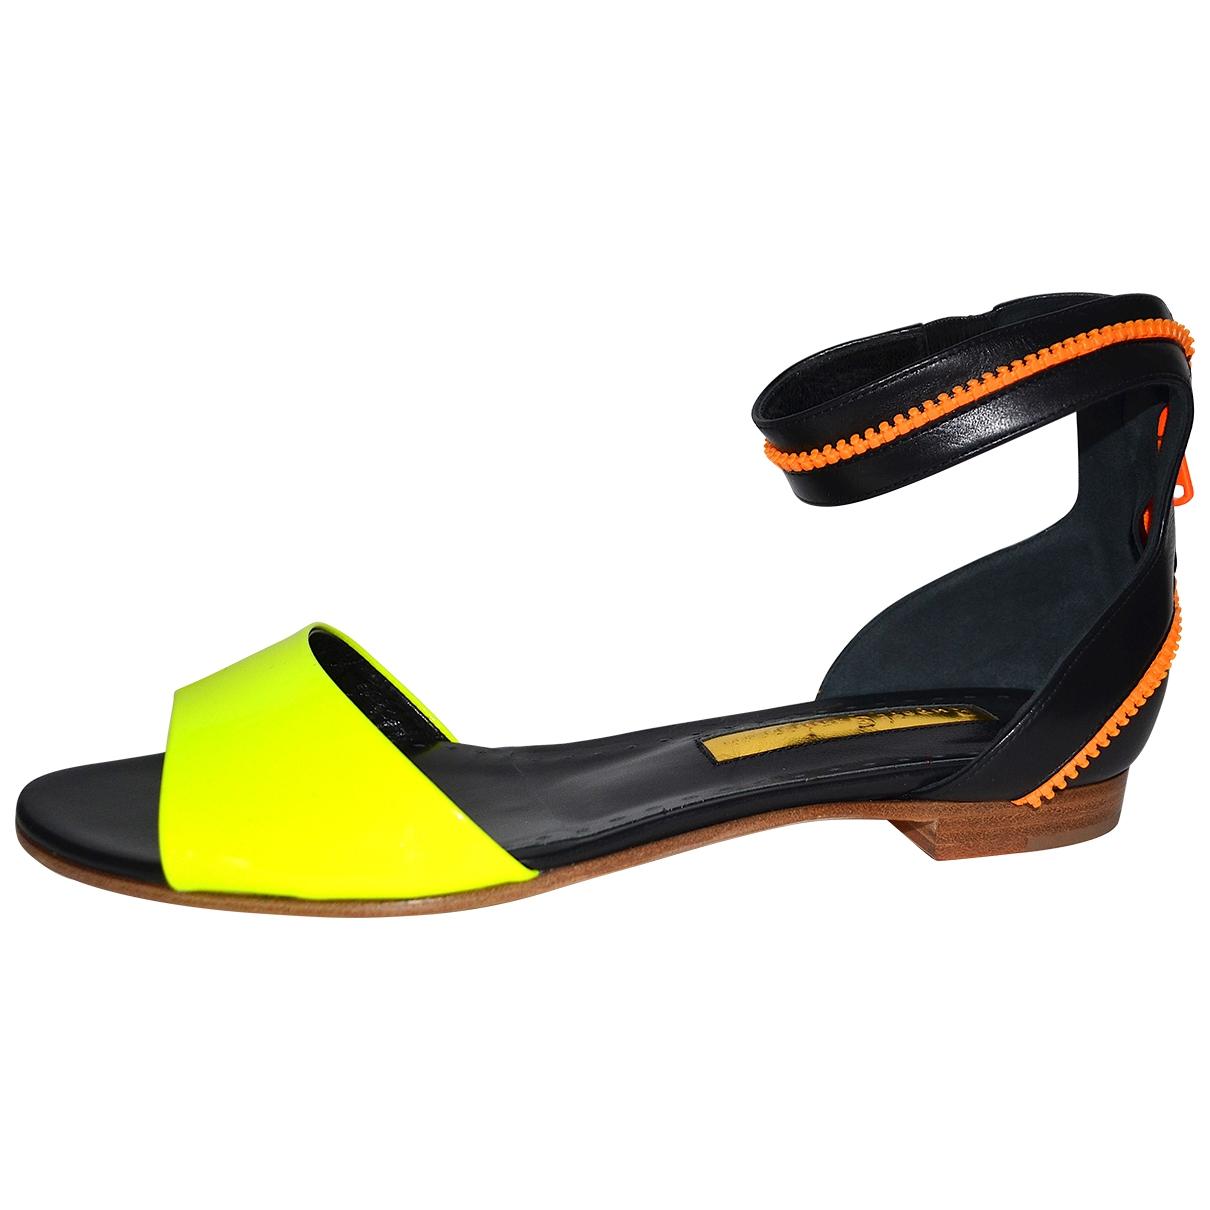 Rupert Sanderson - Sandales   pour femme en cuir - multicolore